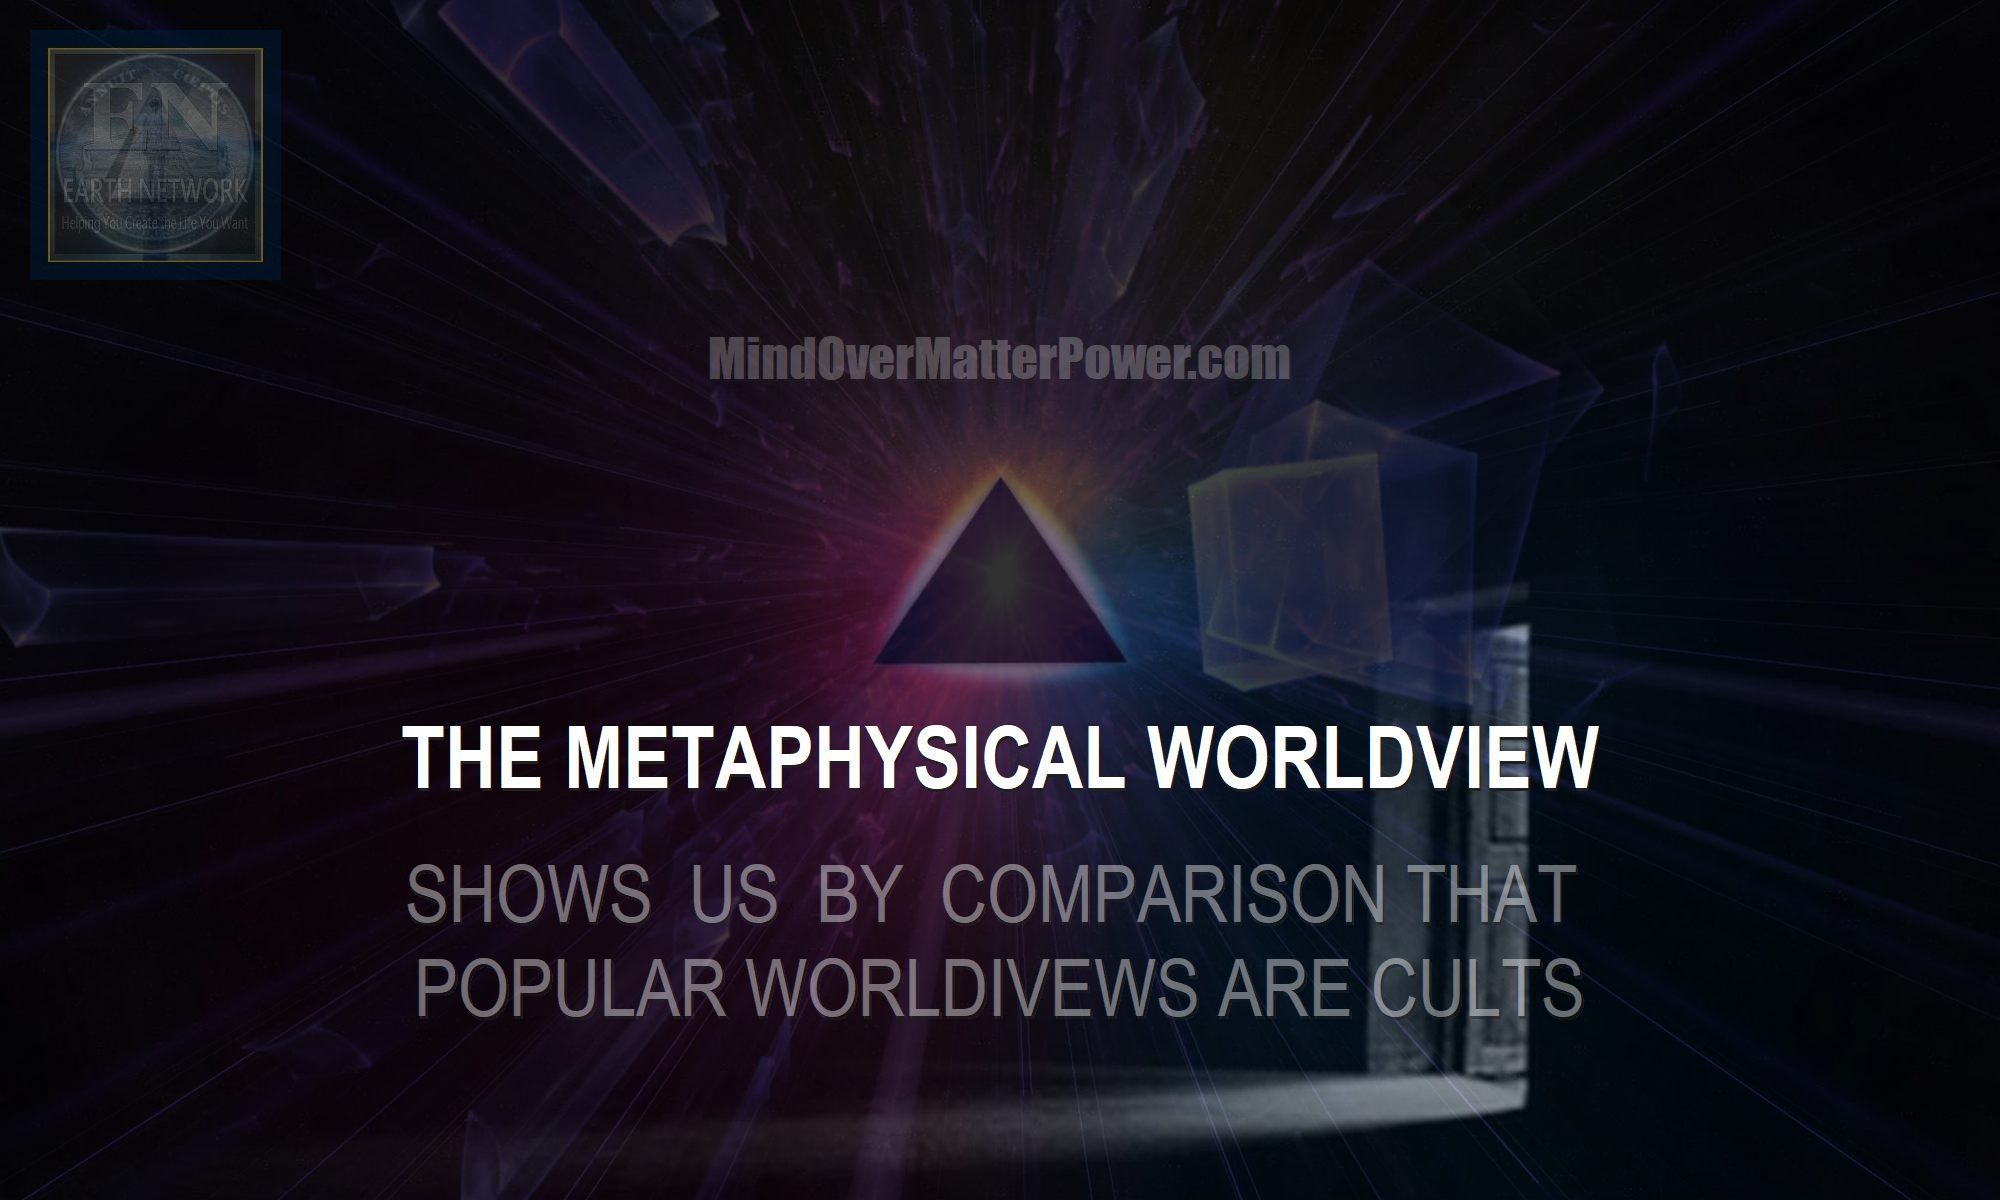 metaphysics-quantum-physics-mechanics-new-age-paradigm-worldview-ideology-philosophy-thinking